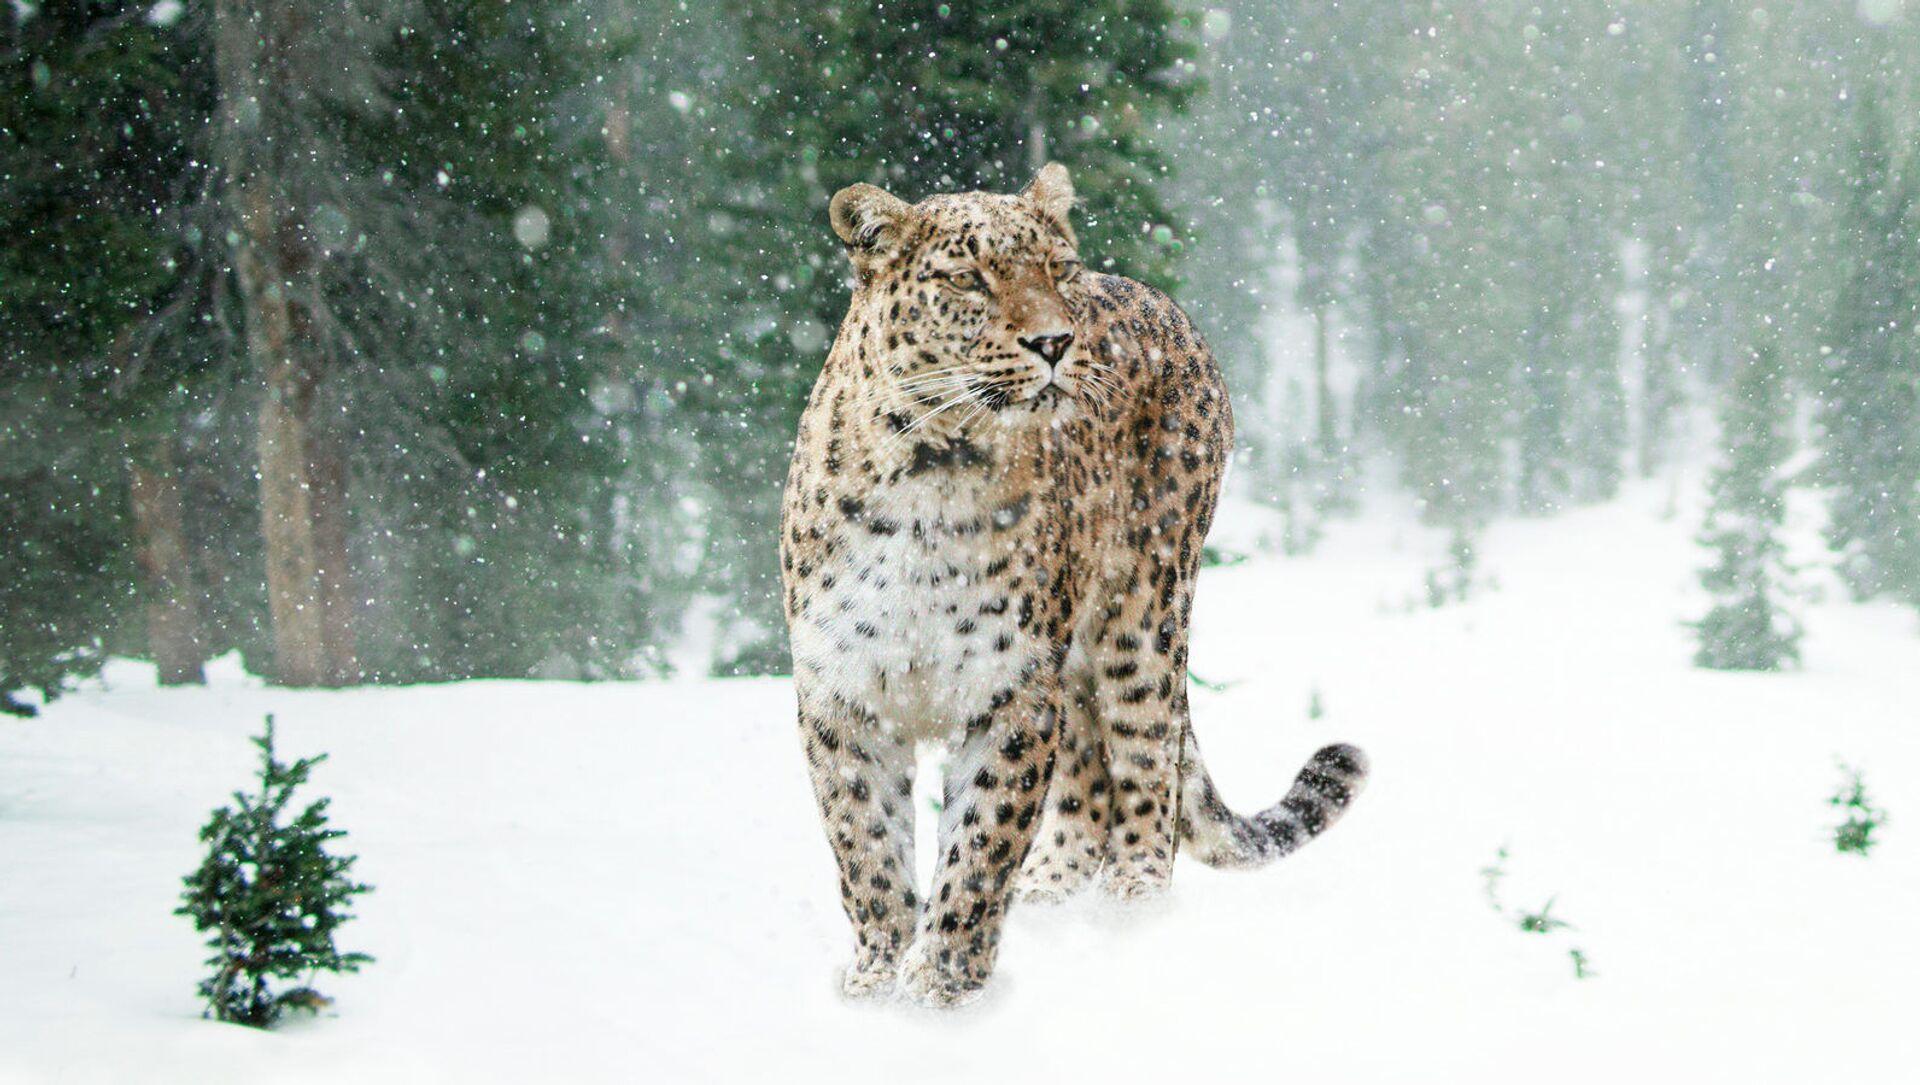 Переднеазиатский леопард (кавказский барс) - Sputnik Южная Осетия, 1920, 27.09.2021